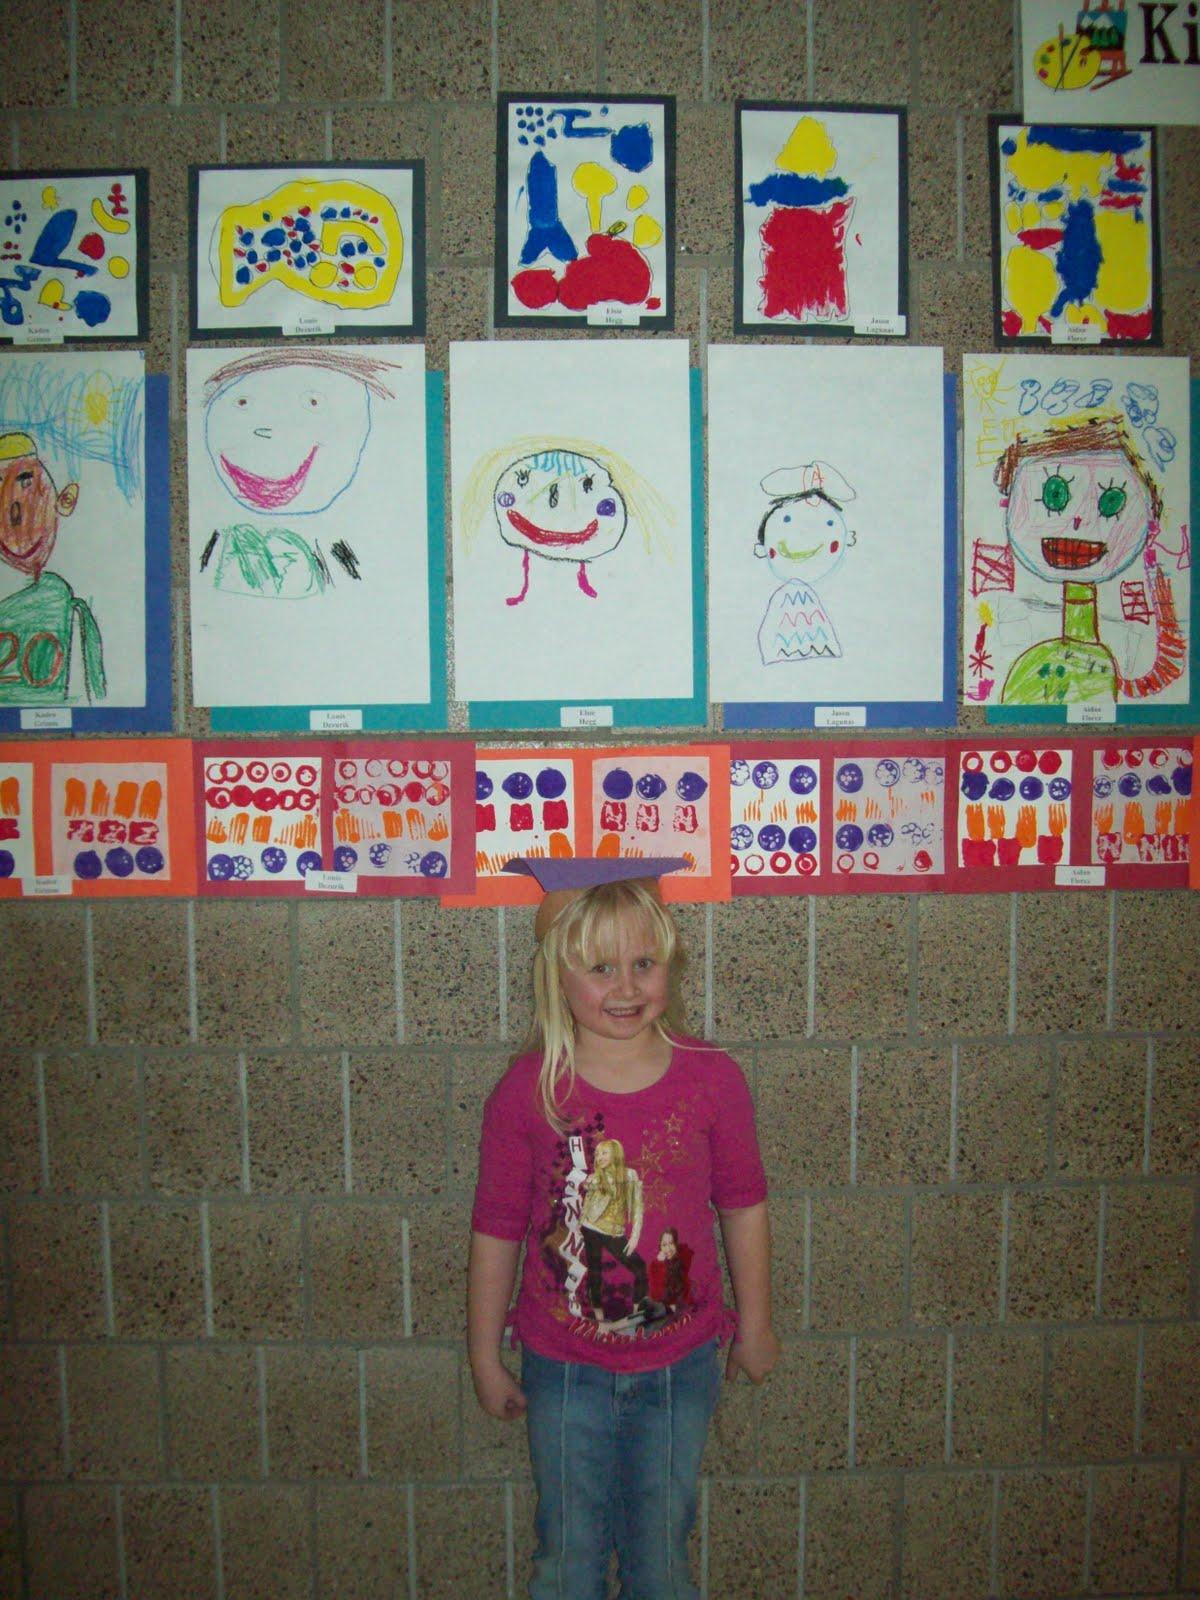 Kindergarten Class: Mrs.Kapsner's Kindergarten Class: Kindergarten Art Gallery